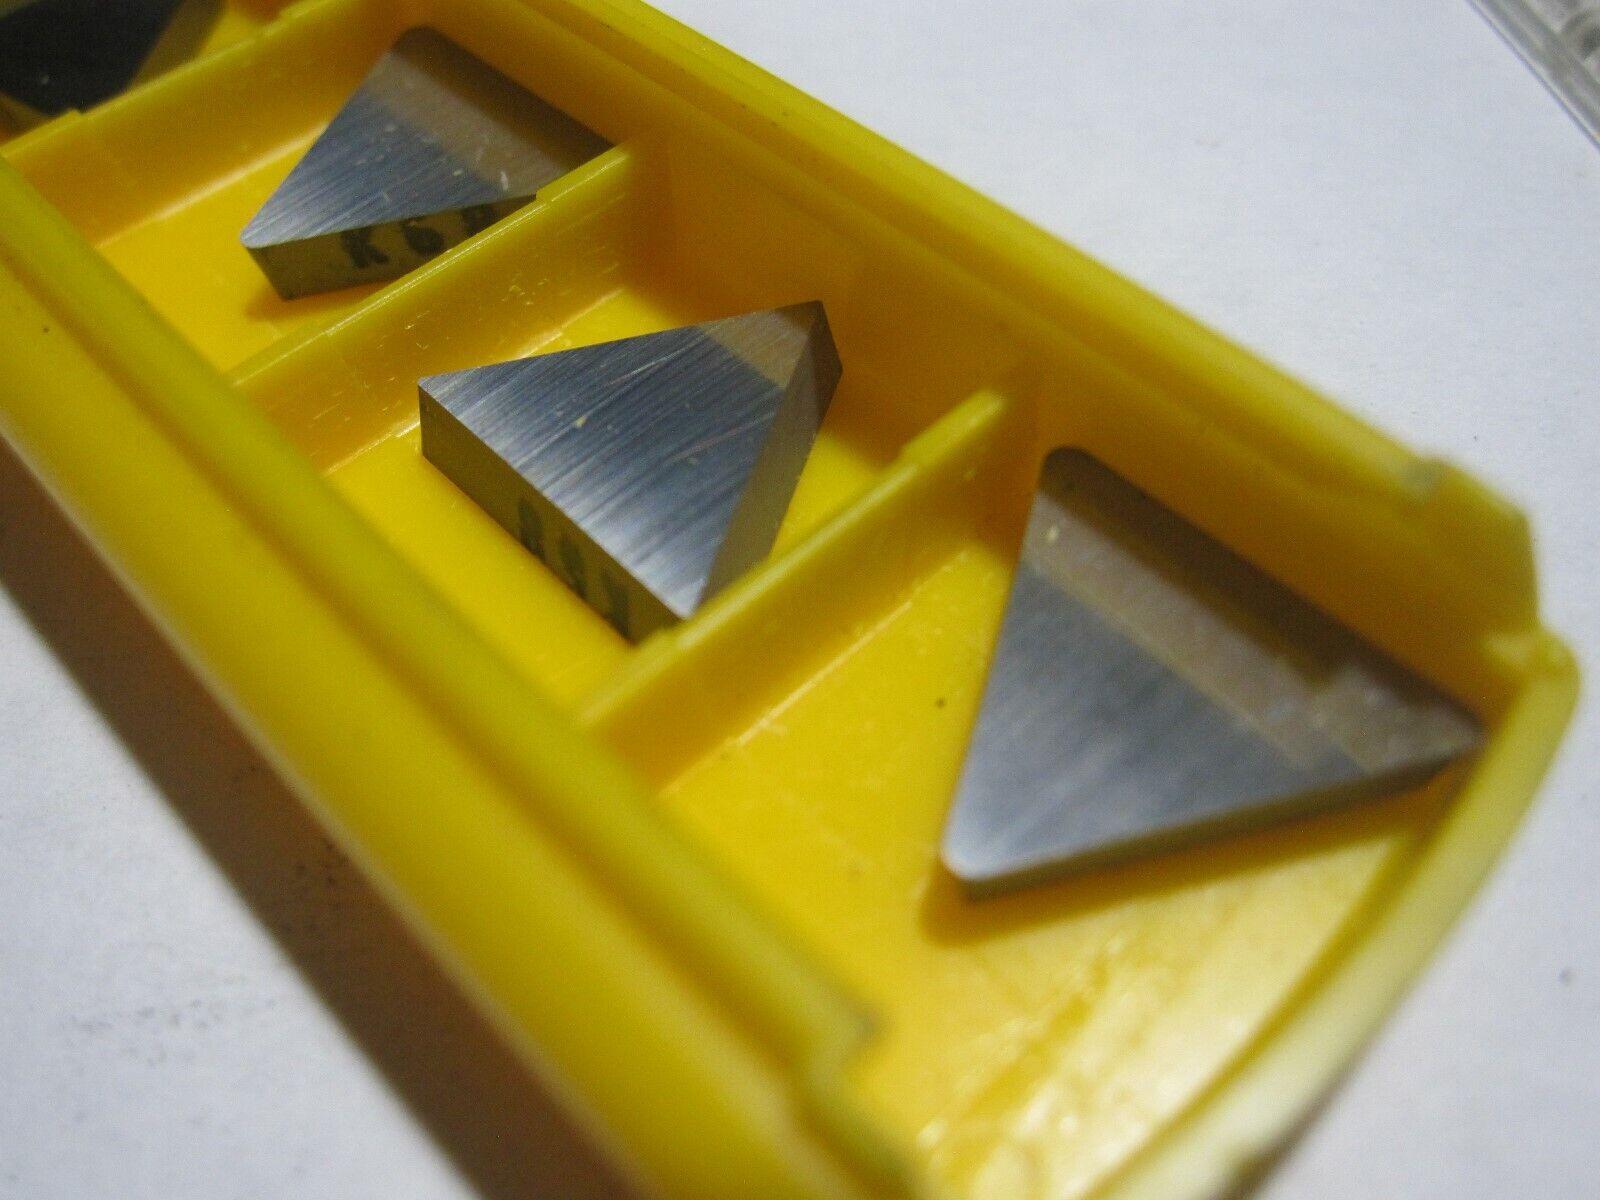 5 Kennametal  T02P-32L004 Carbide Inserts T02P 16 03 L010 Grade KT5135 NEW!!!